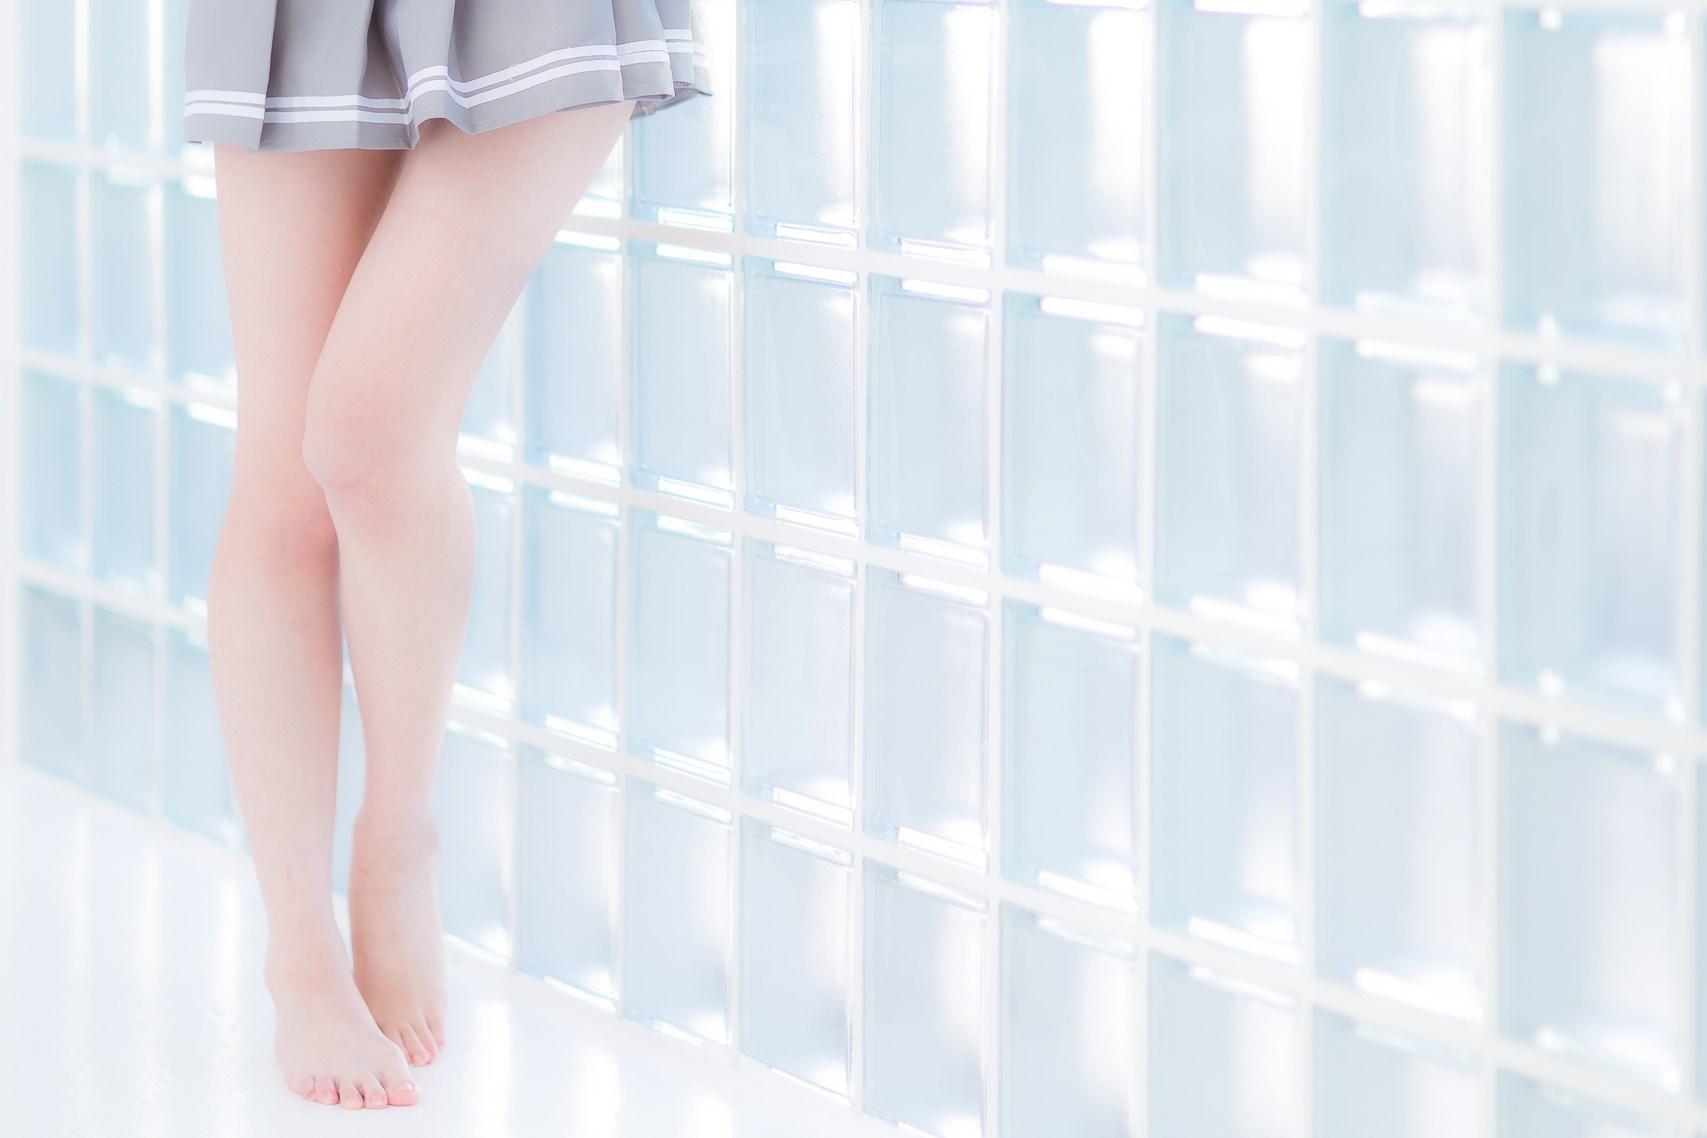 【兔玩映画】果腿的水手服 兔玩映画 第23张